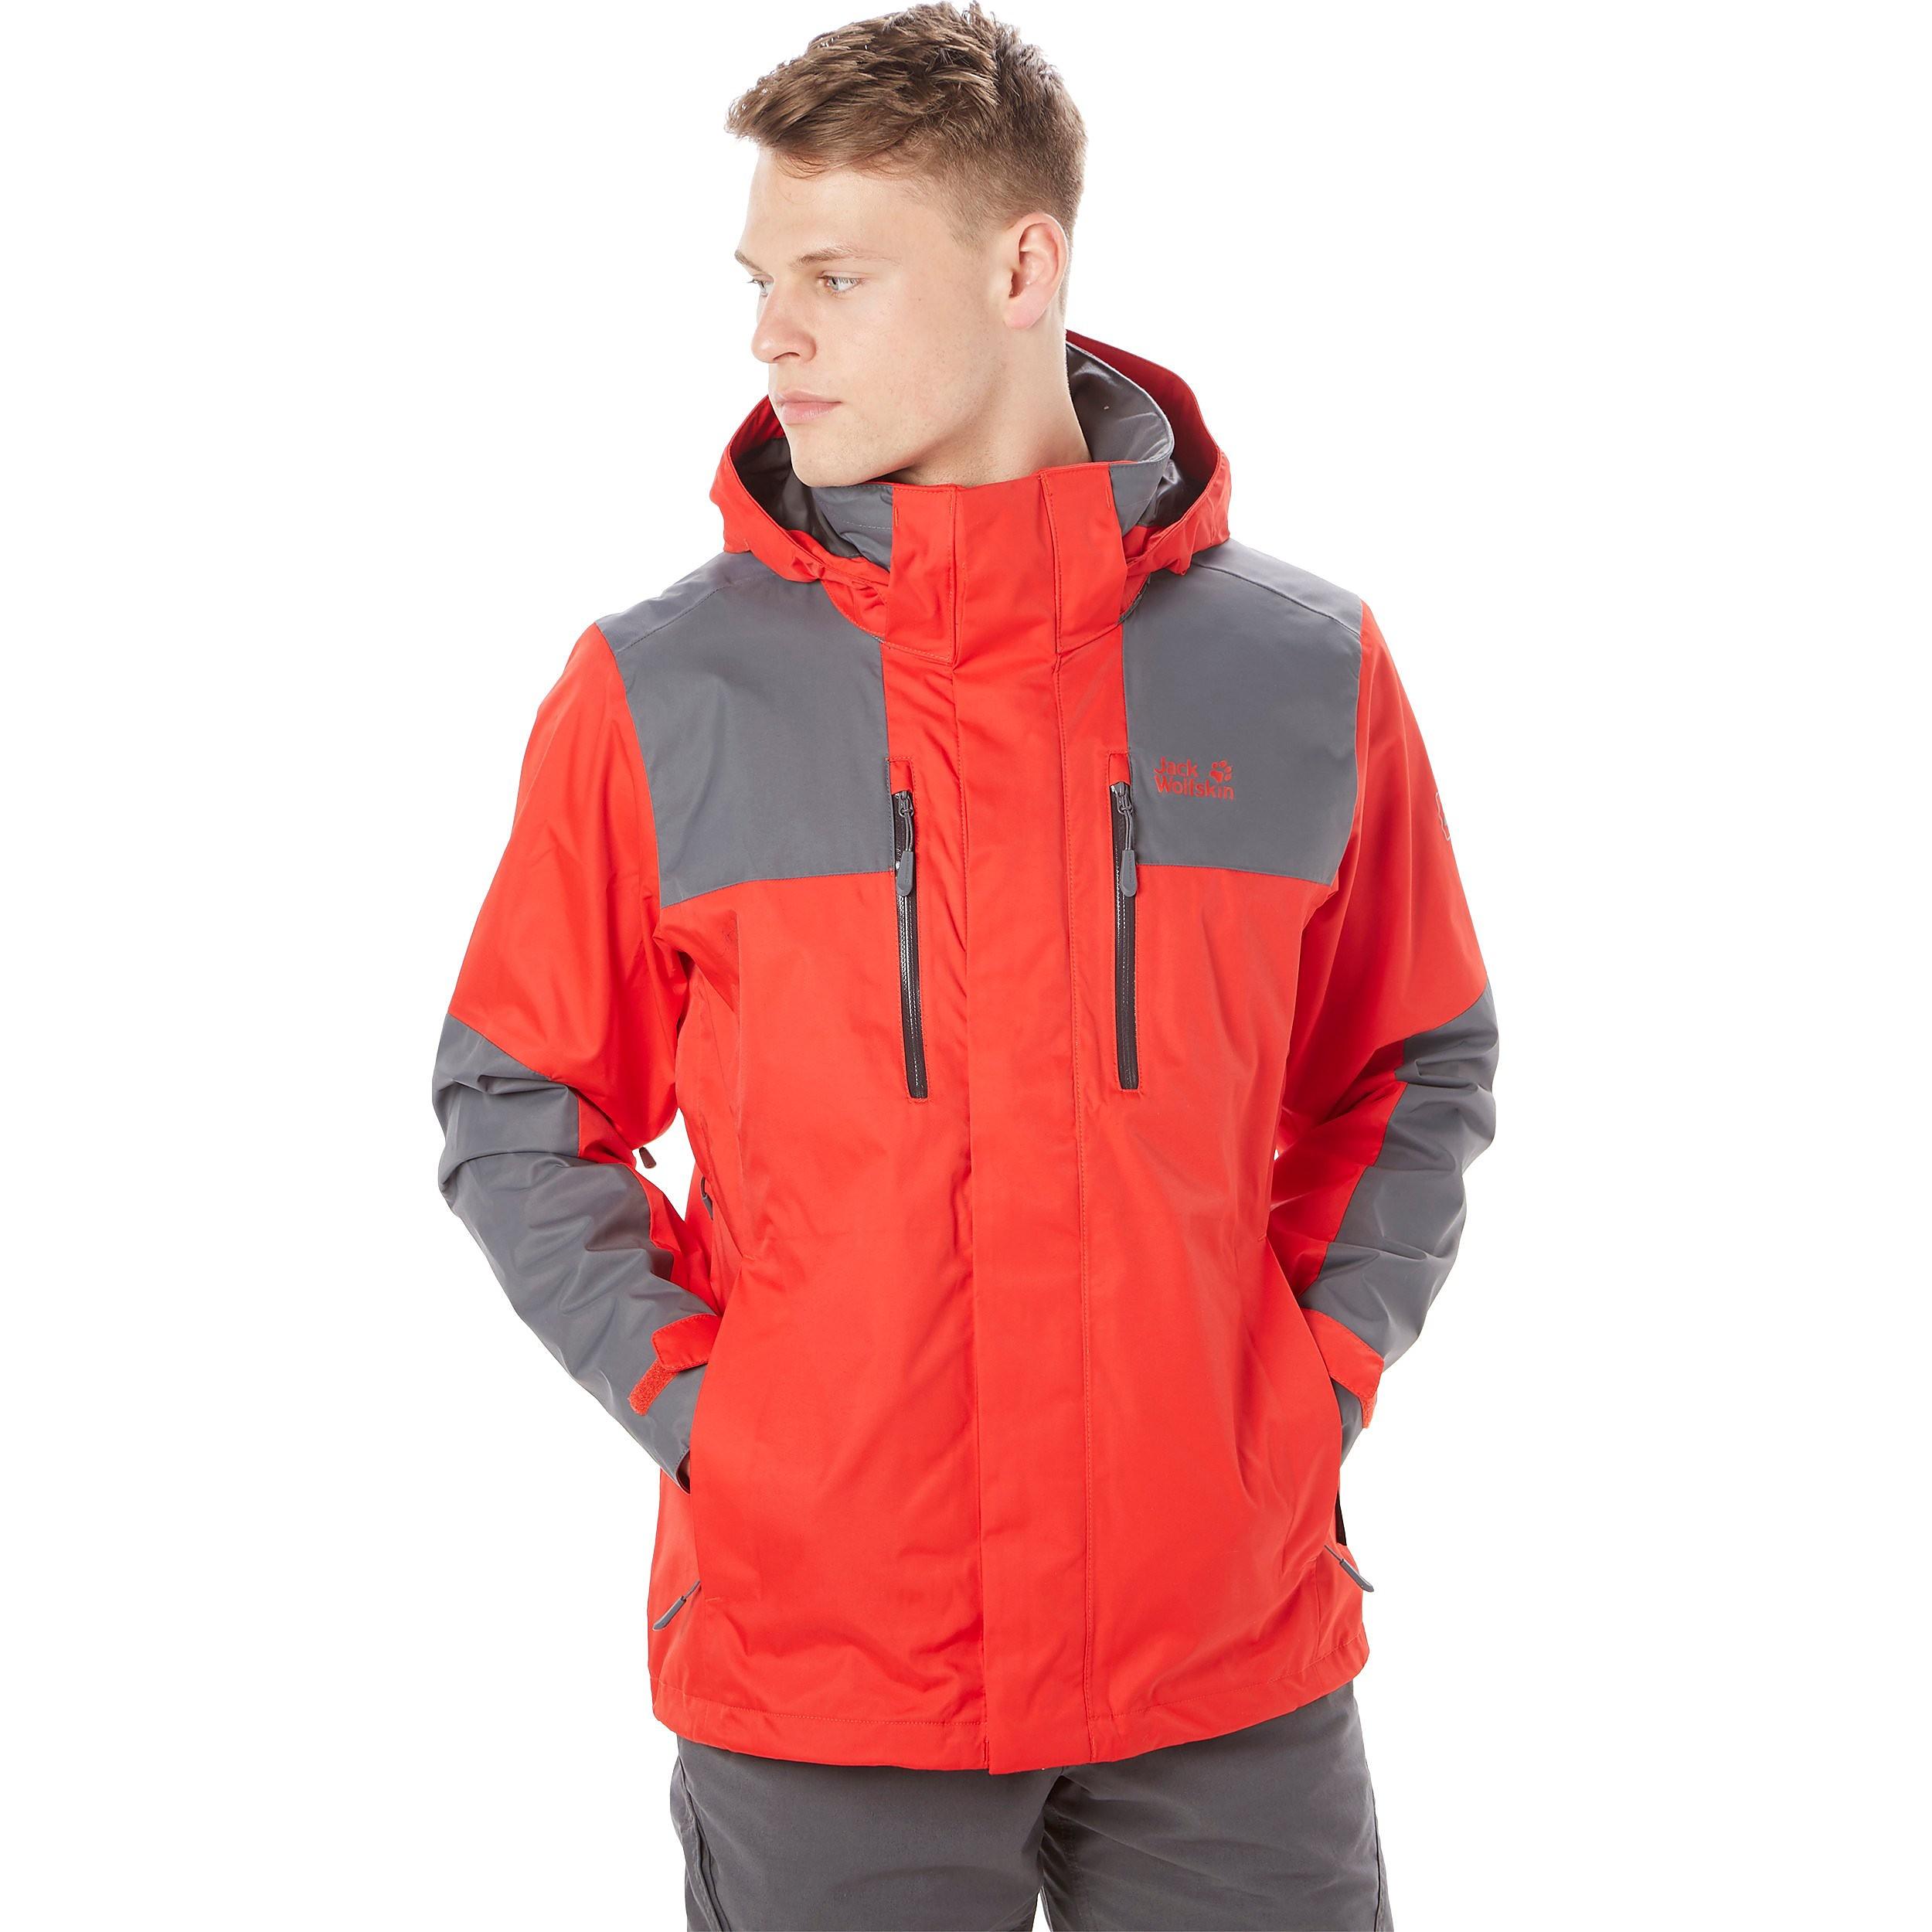 Jack Wolfskin Jasper Flex Waterproof Men's Jacket